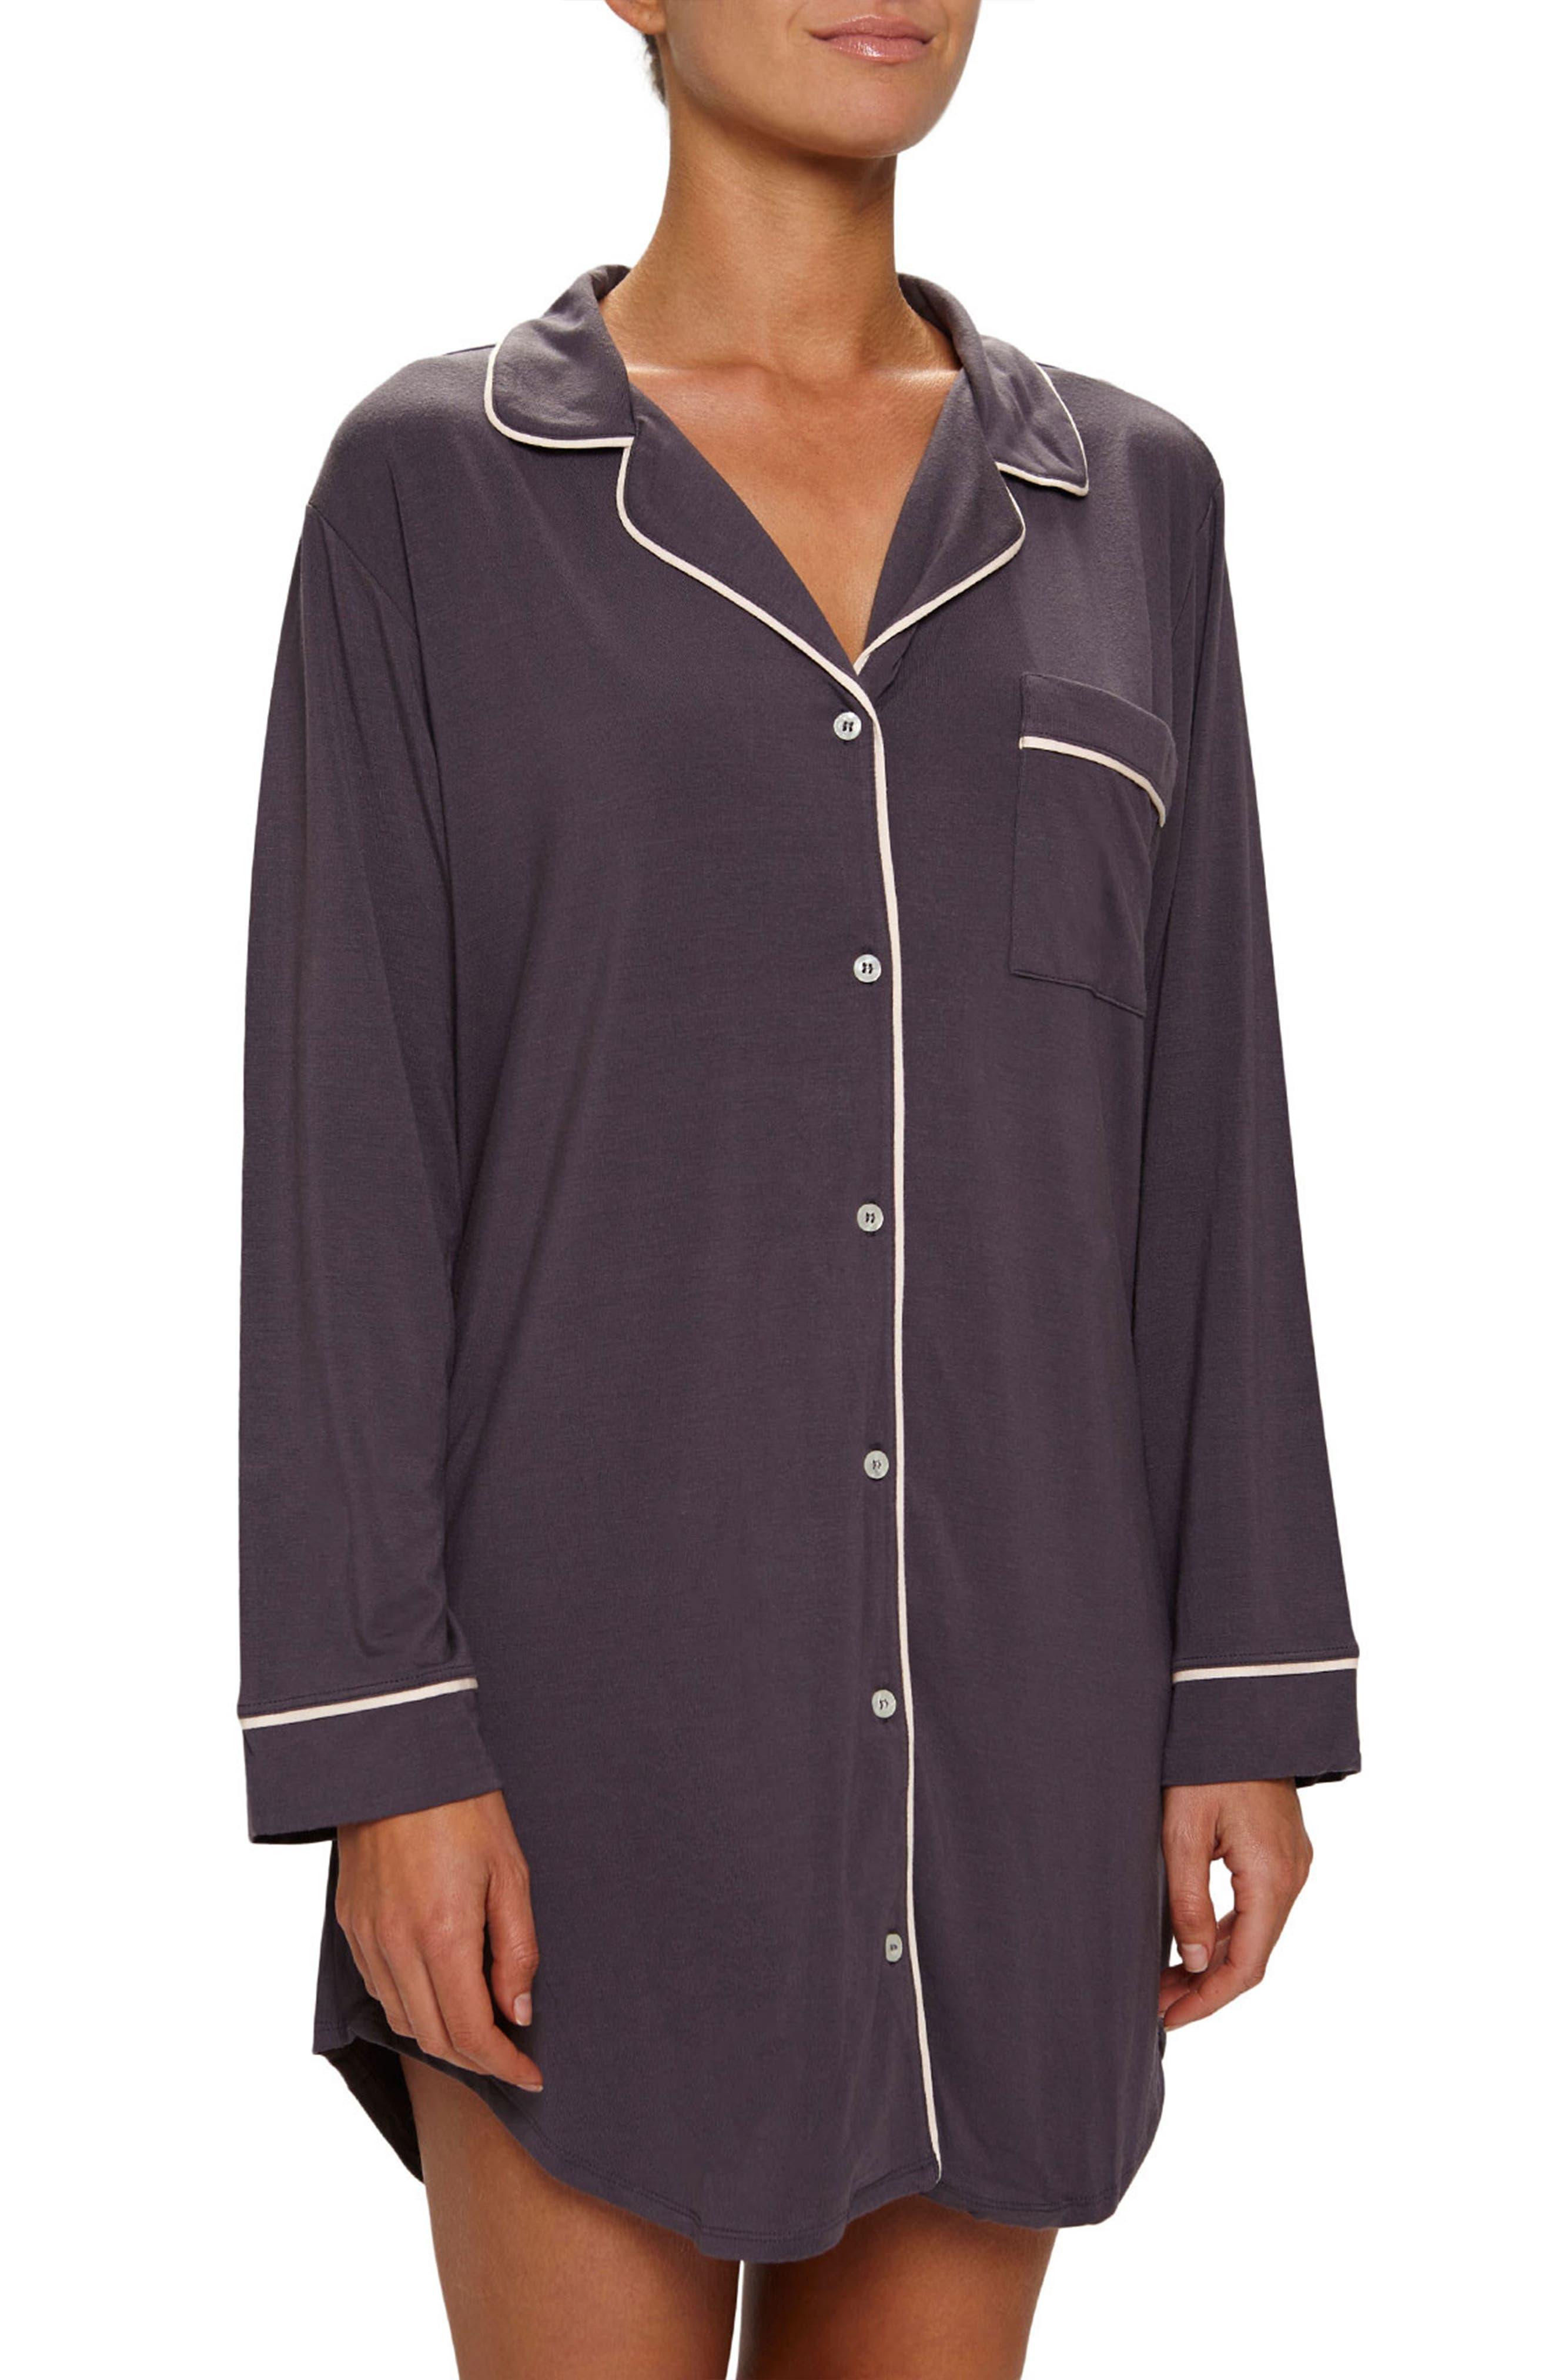 Main Image - Eberjey Gisele Stretch Jersey Sleep Shirt